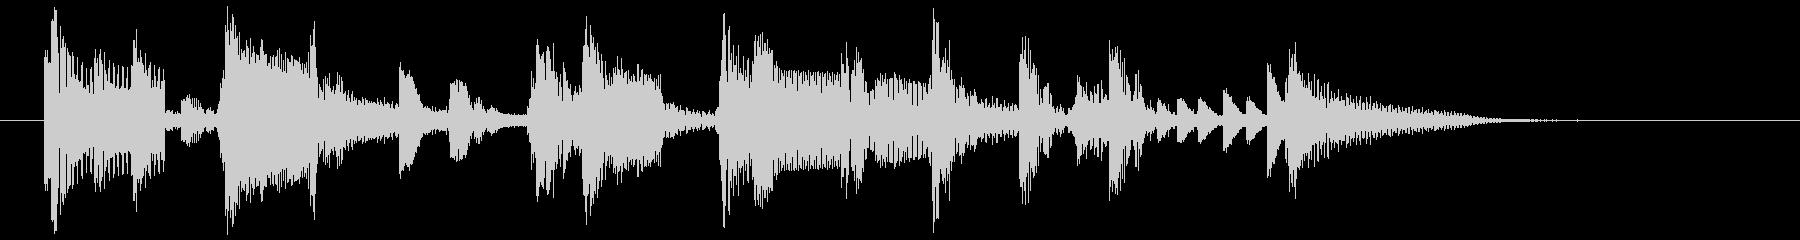 【生演奏】大人のSax効果音20の未再生の波形